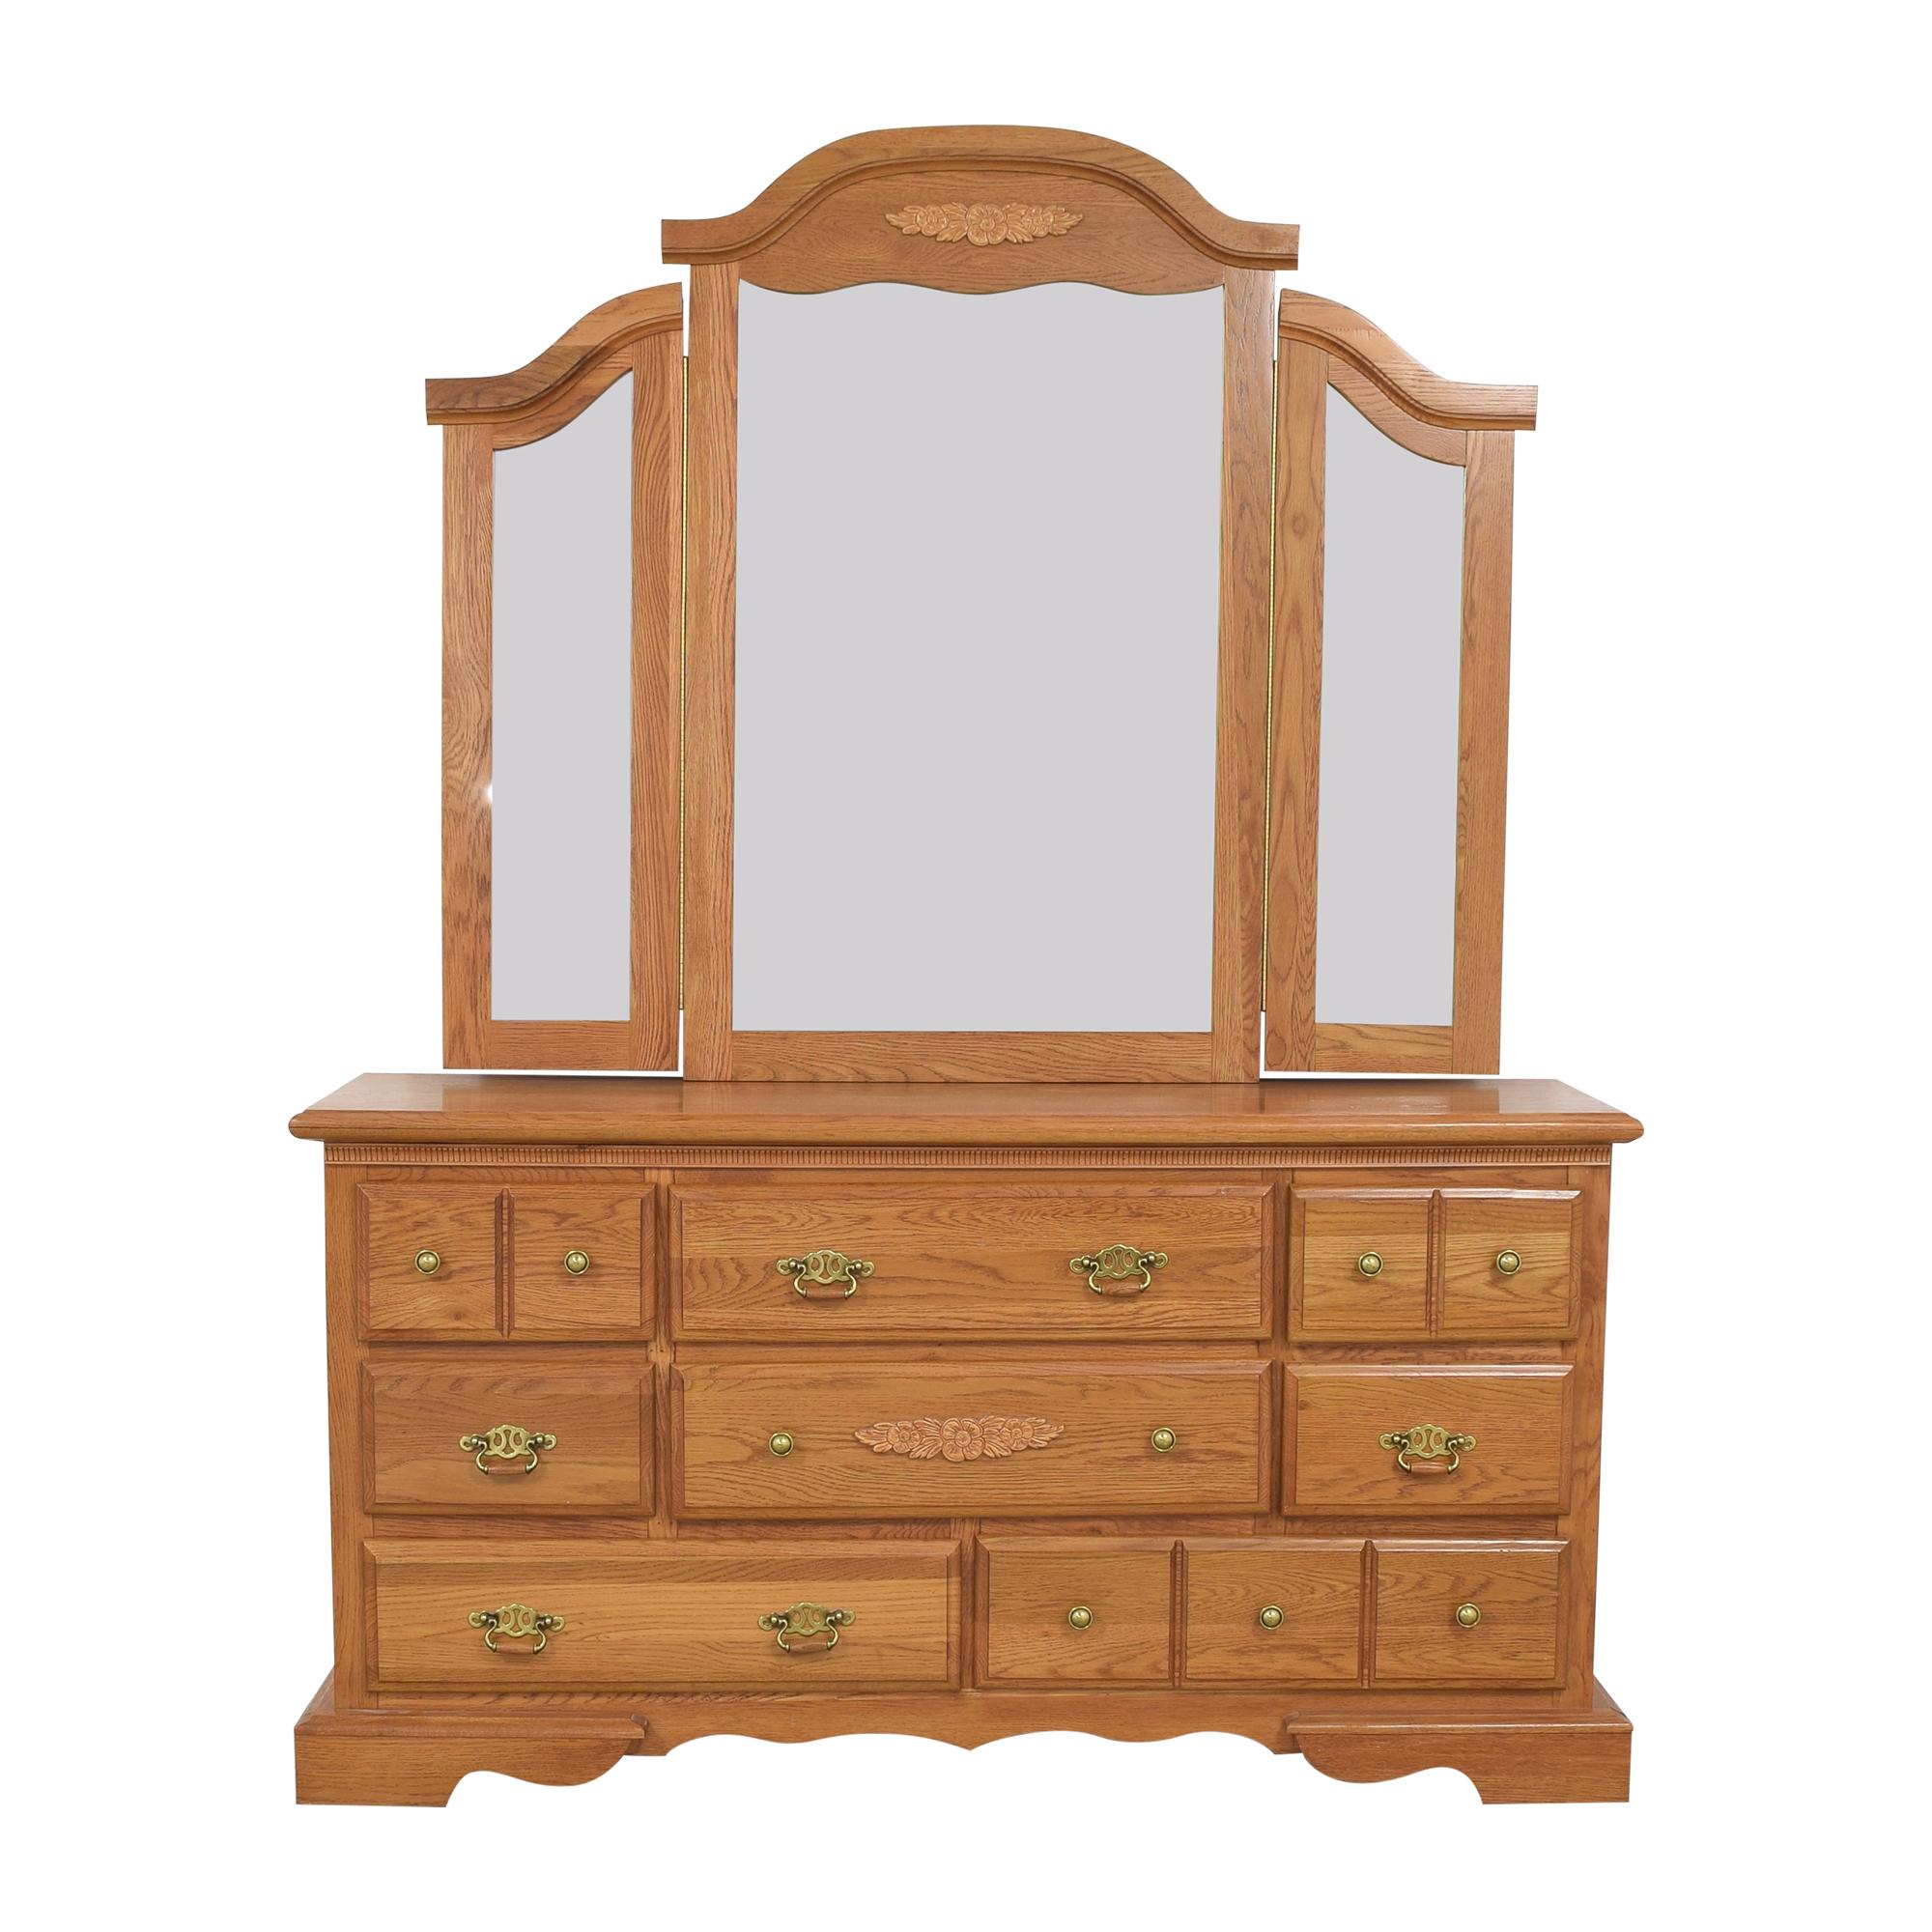 Dresser with Three Panel Mirror Storage